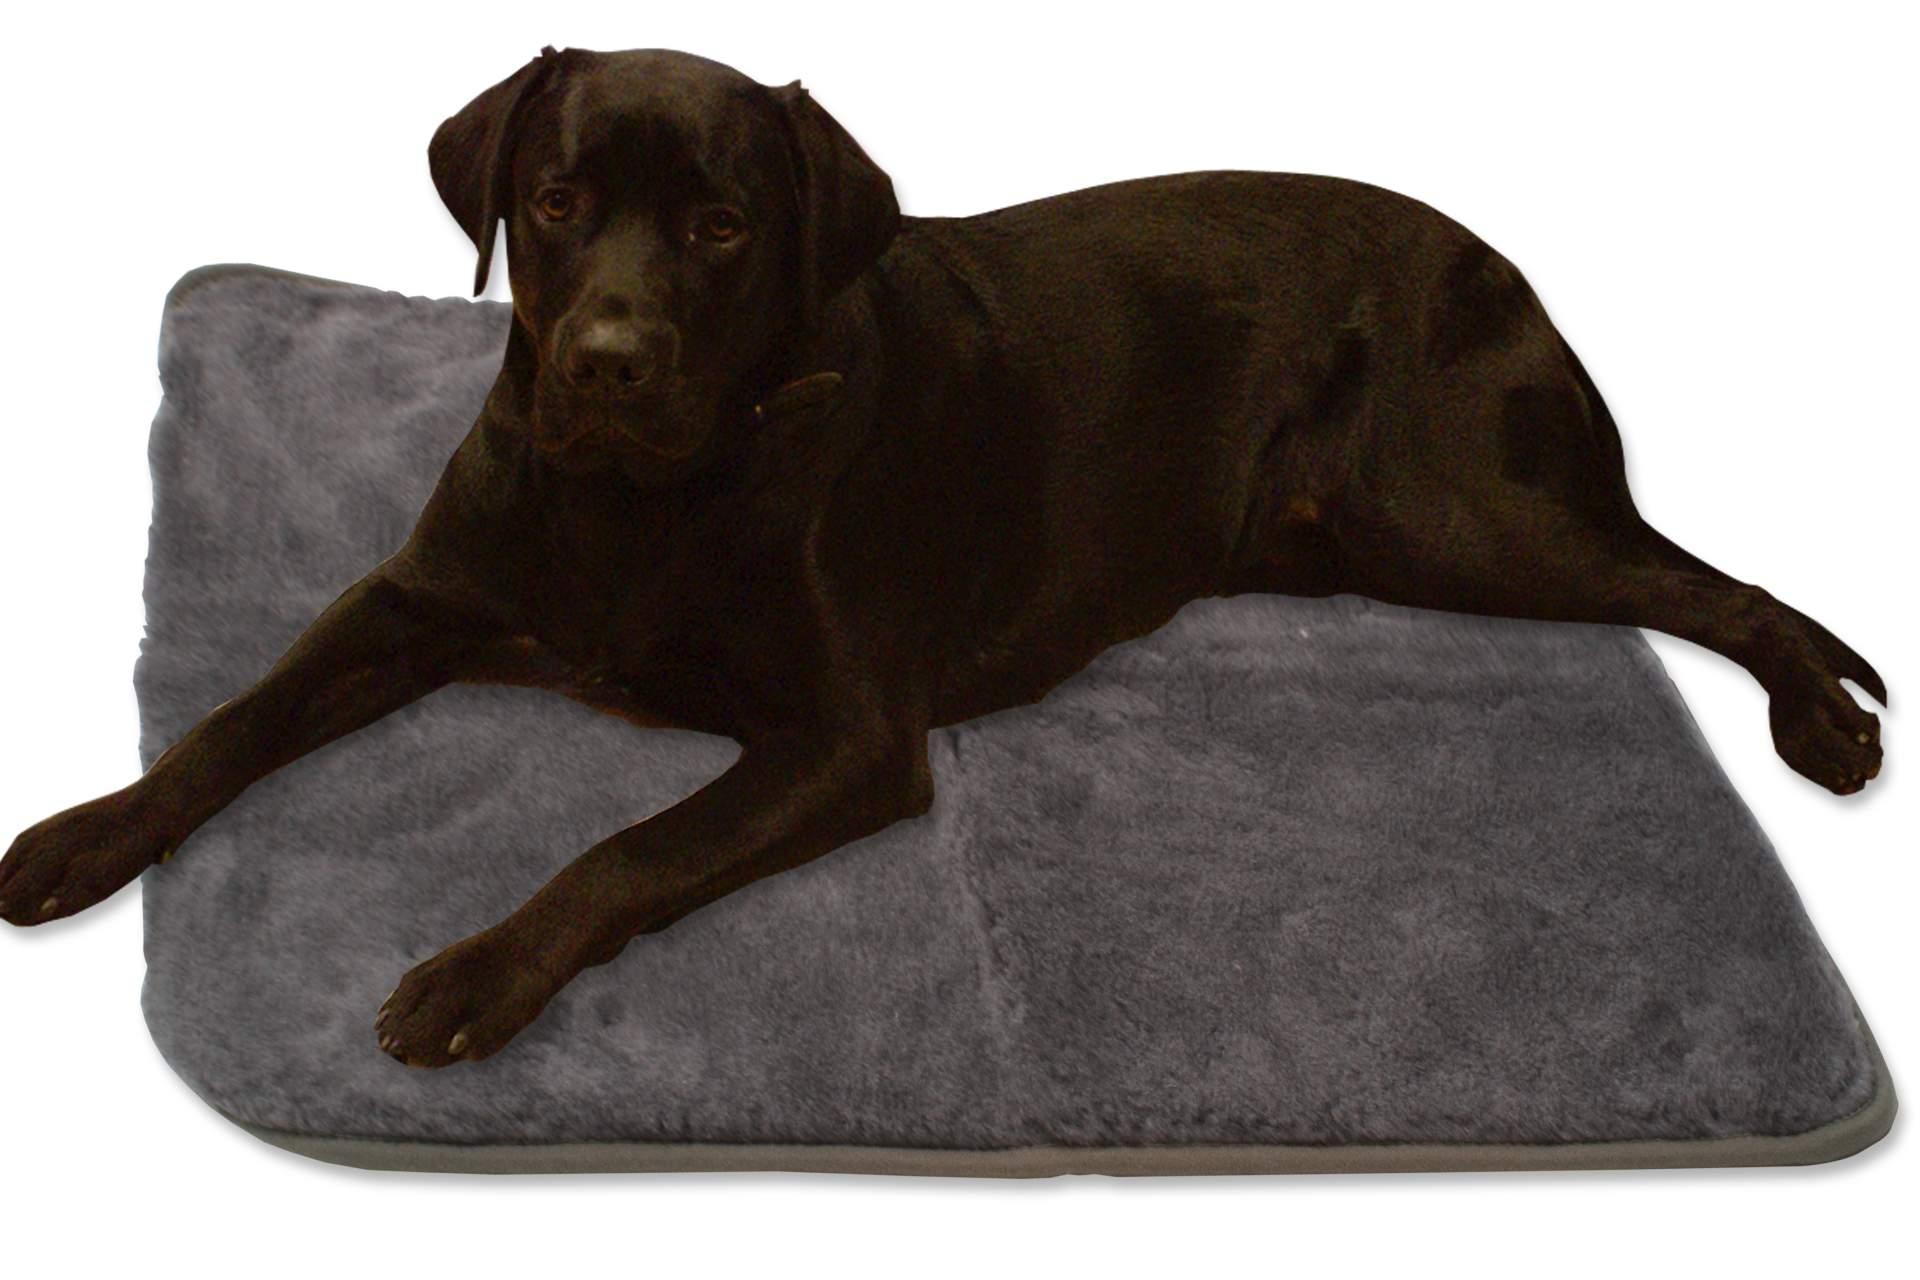 hundedecke decke 70 x 100 cm grau kissen hund schlafplatz haustier katze neu ebay. Black Bedroom Furniture Sets. Home Design Ideas